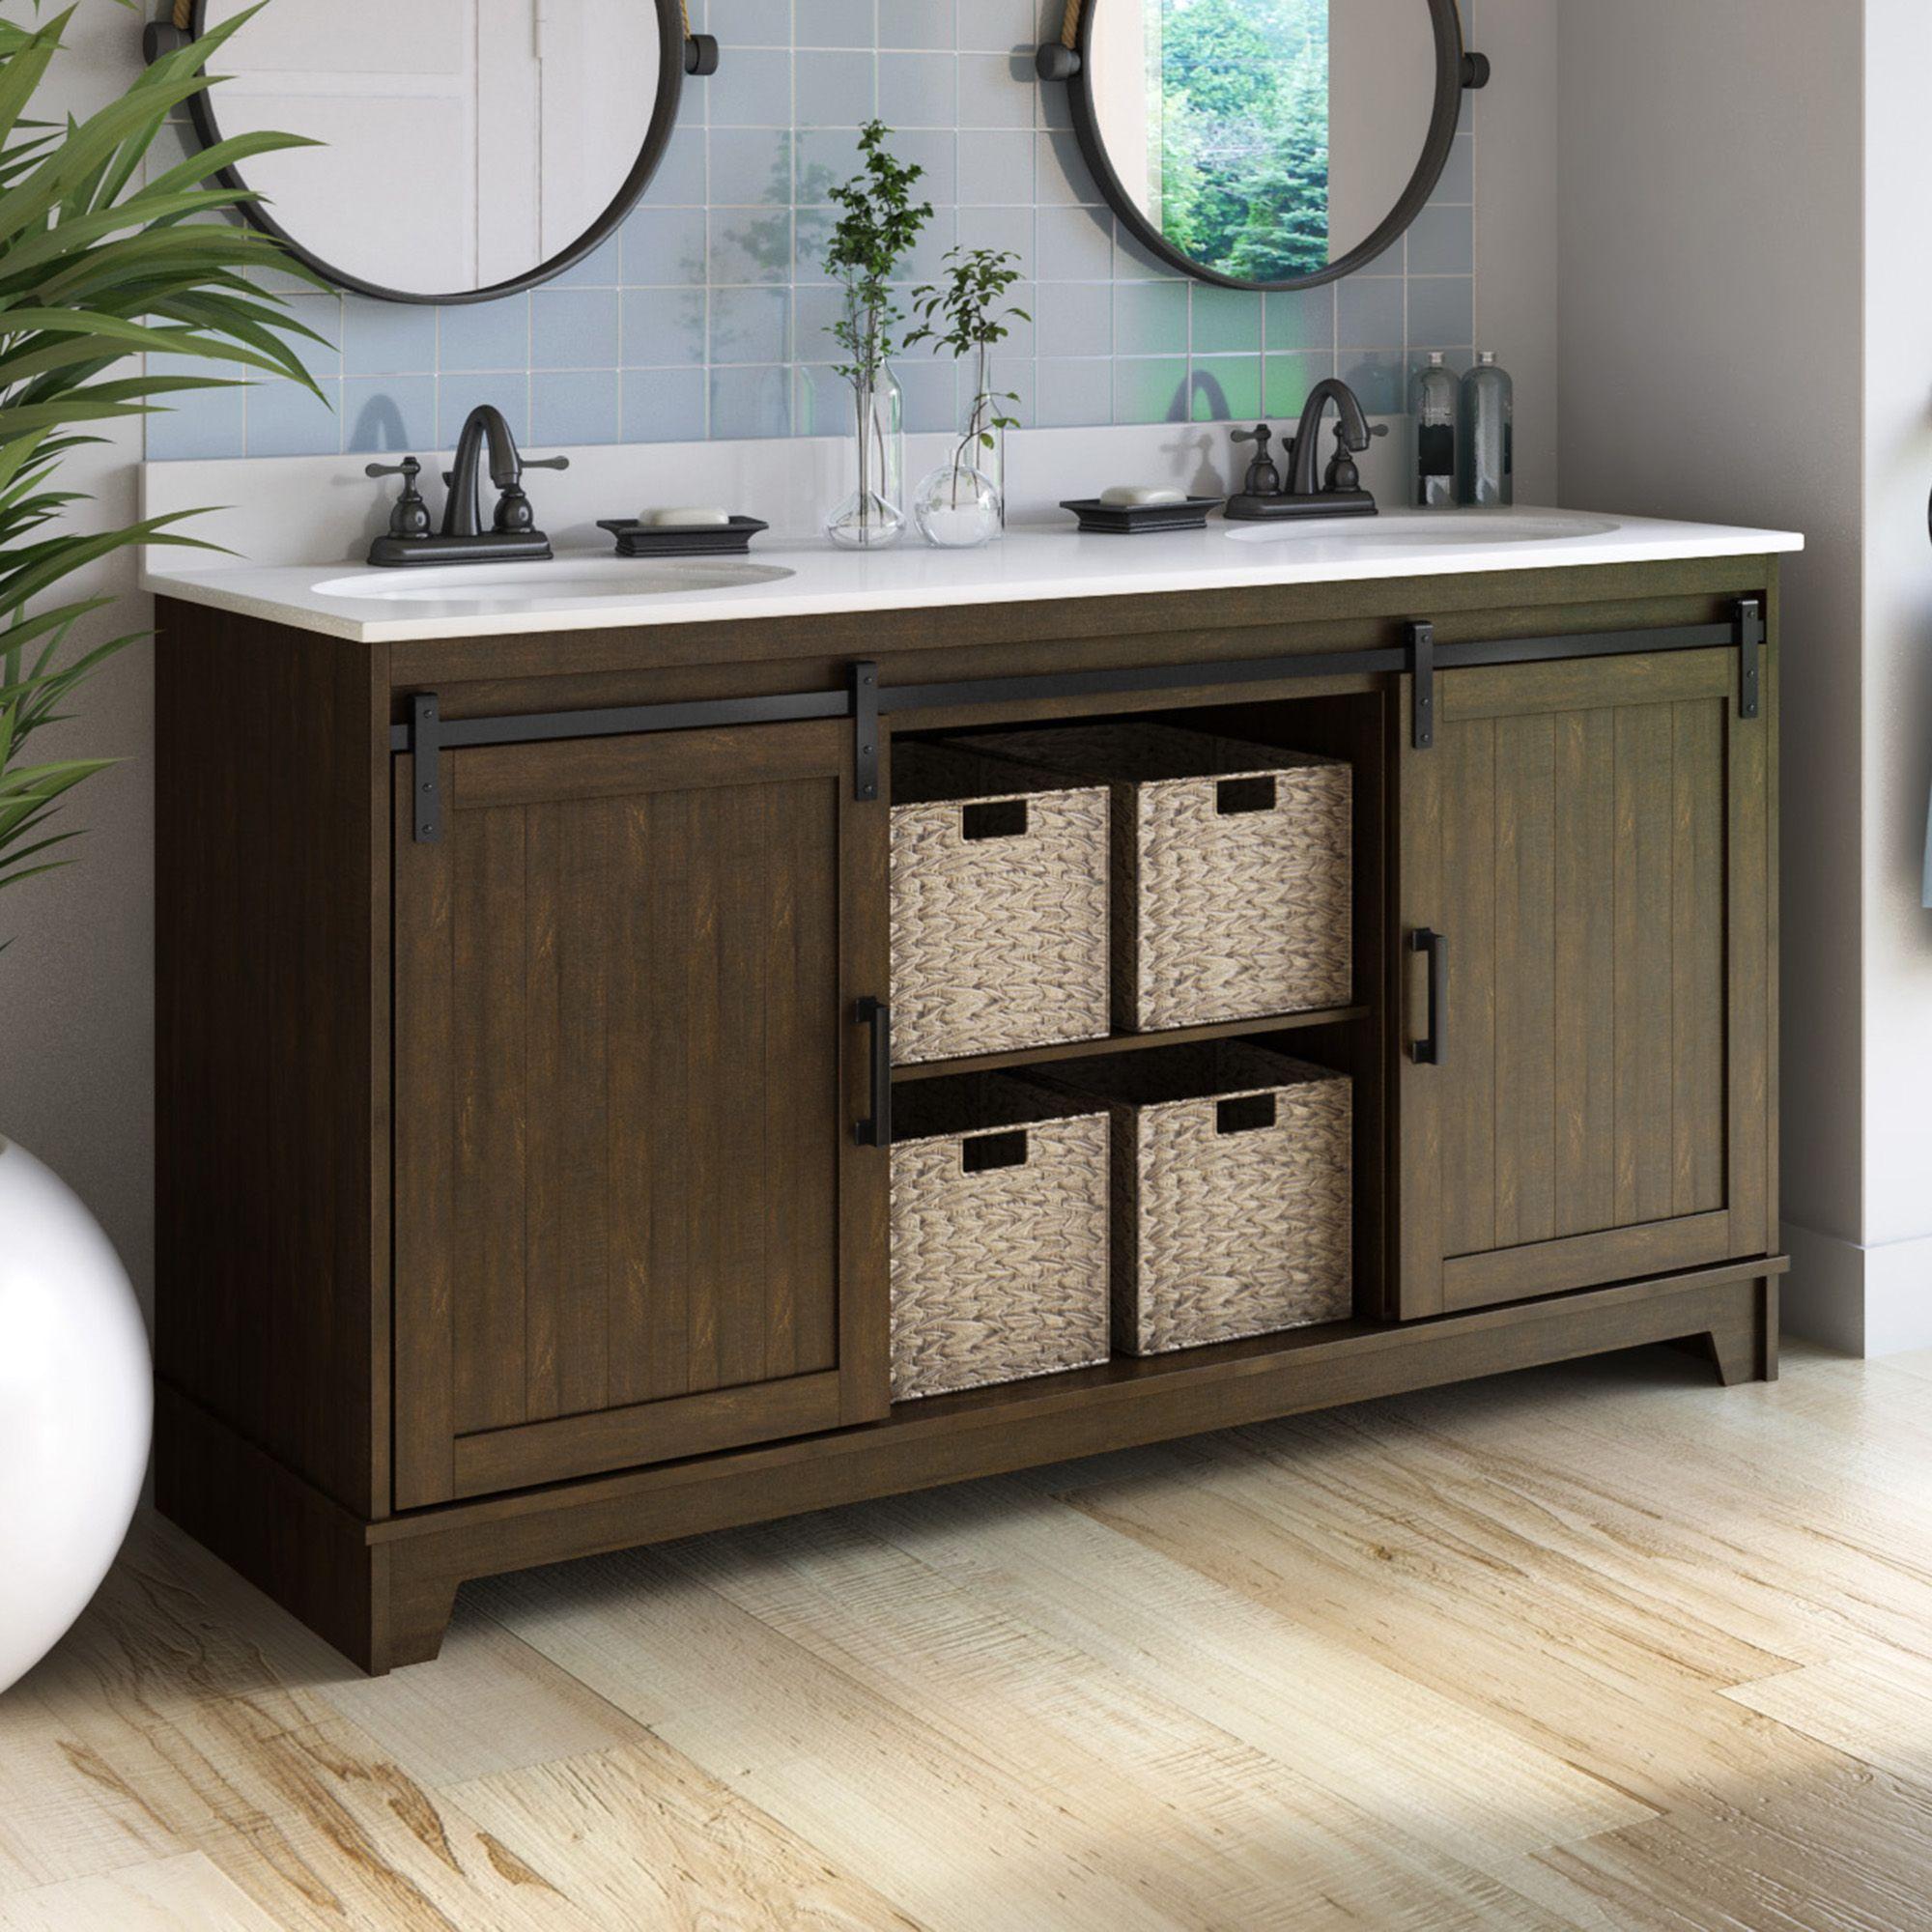 Trogdon Sliding Barn Door 60 Double Bathroom Vanity Set Small Bathroom Decor Bathroom Decor Bathroom Vanity [ 2000 x 2000 Pixel ]